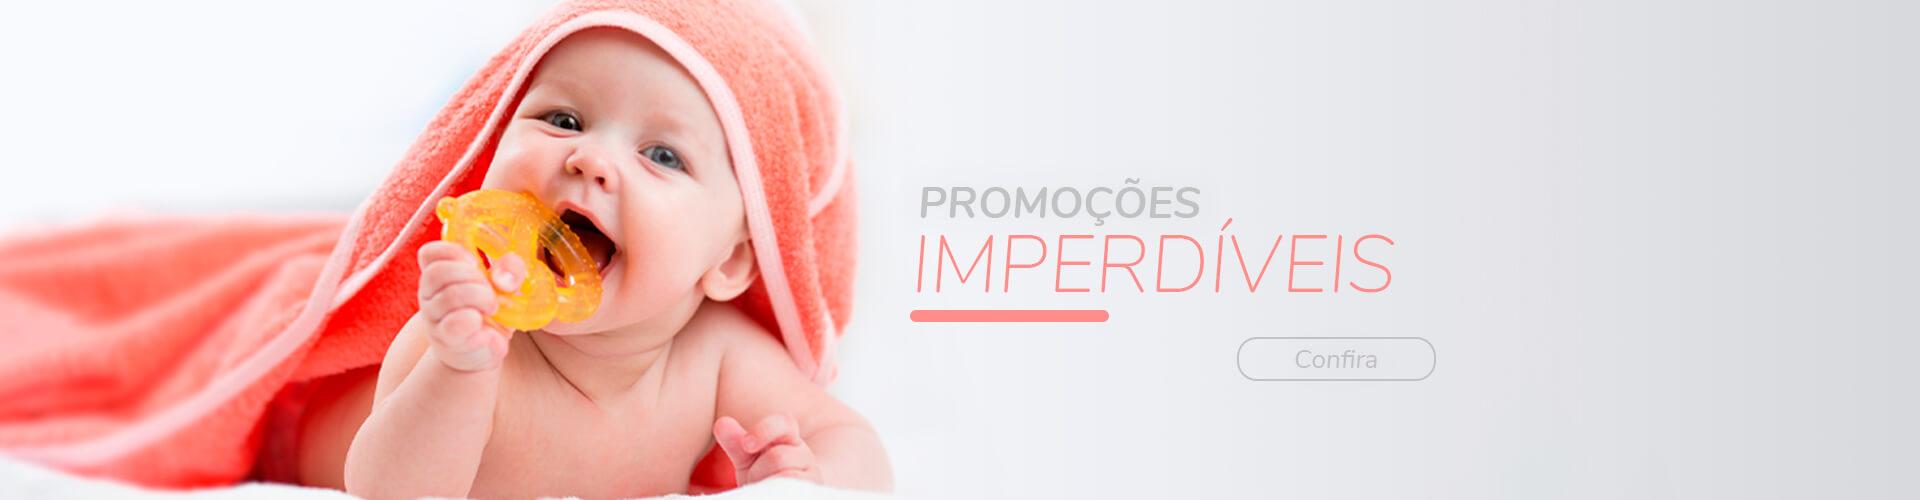 Promoções para você e seu bebê